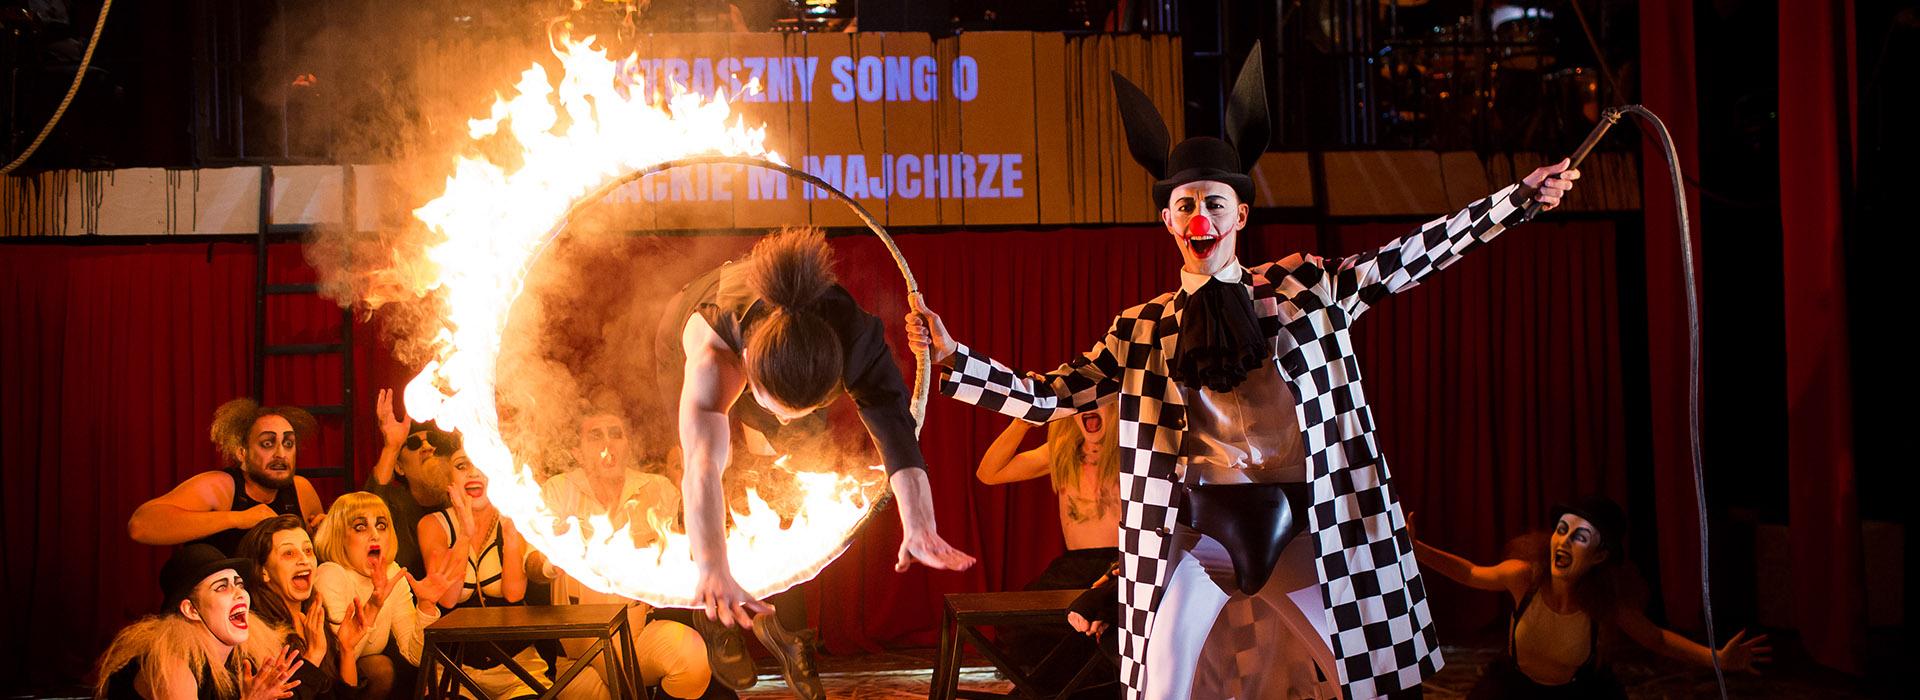 Teatr Variete Opera za 3 grosze Baner